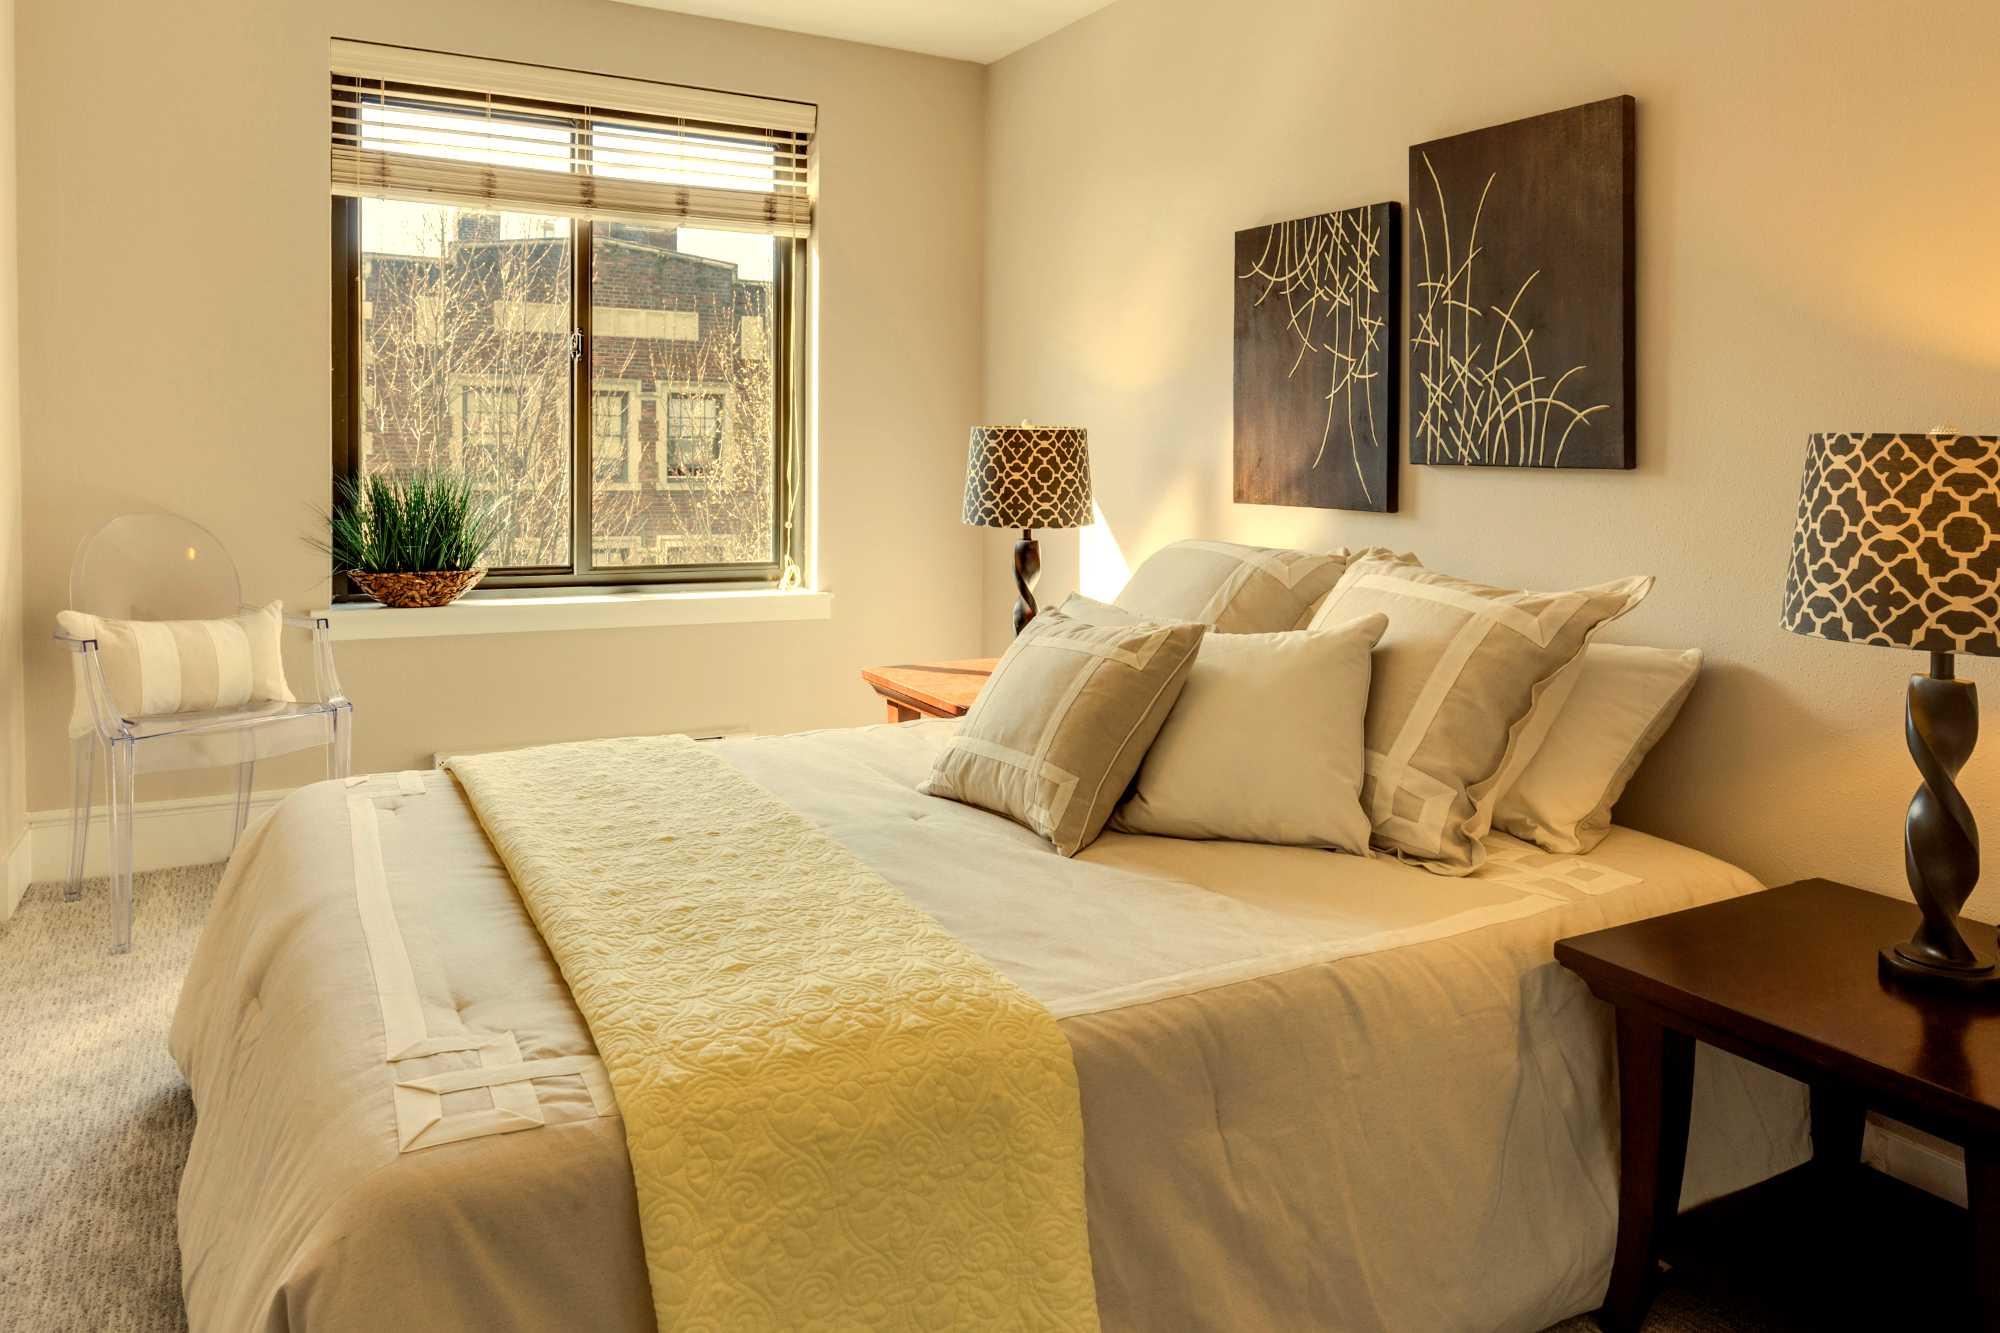 5 dicas imperdíveis de decoração para quarto de casal